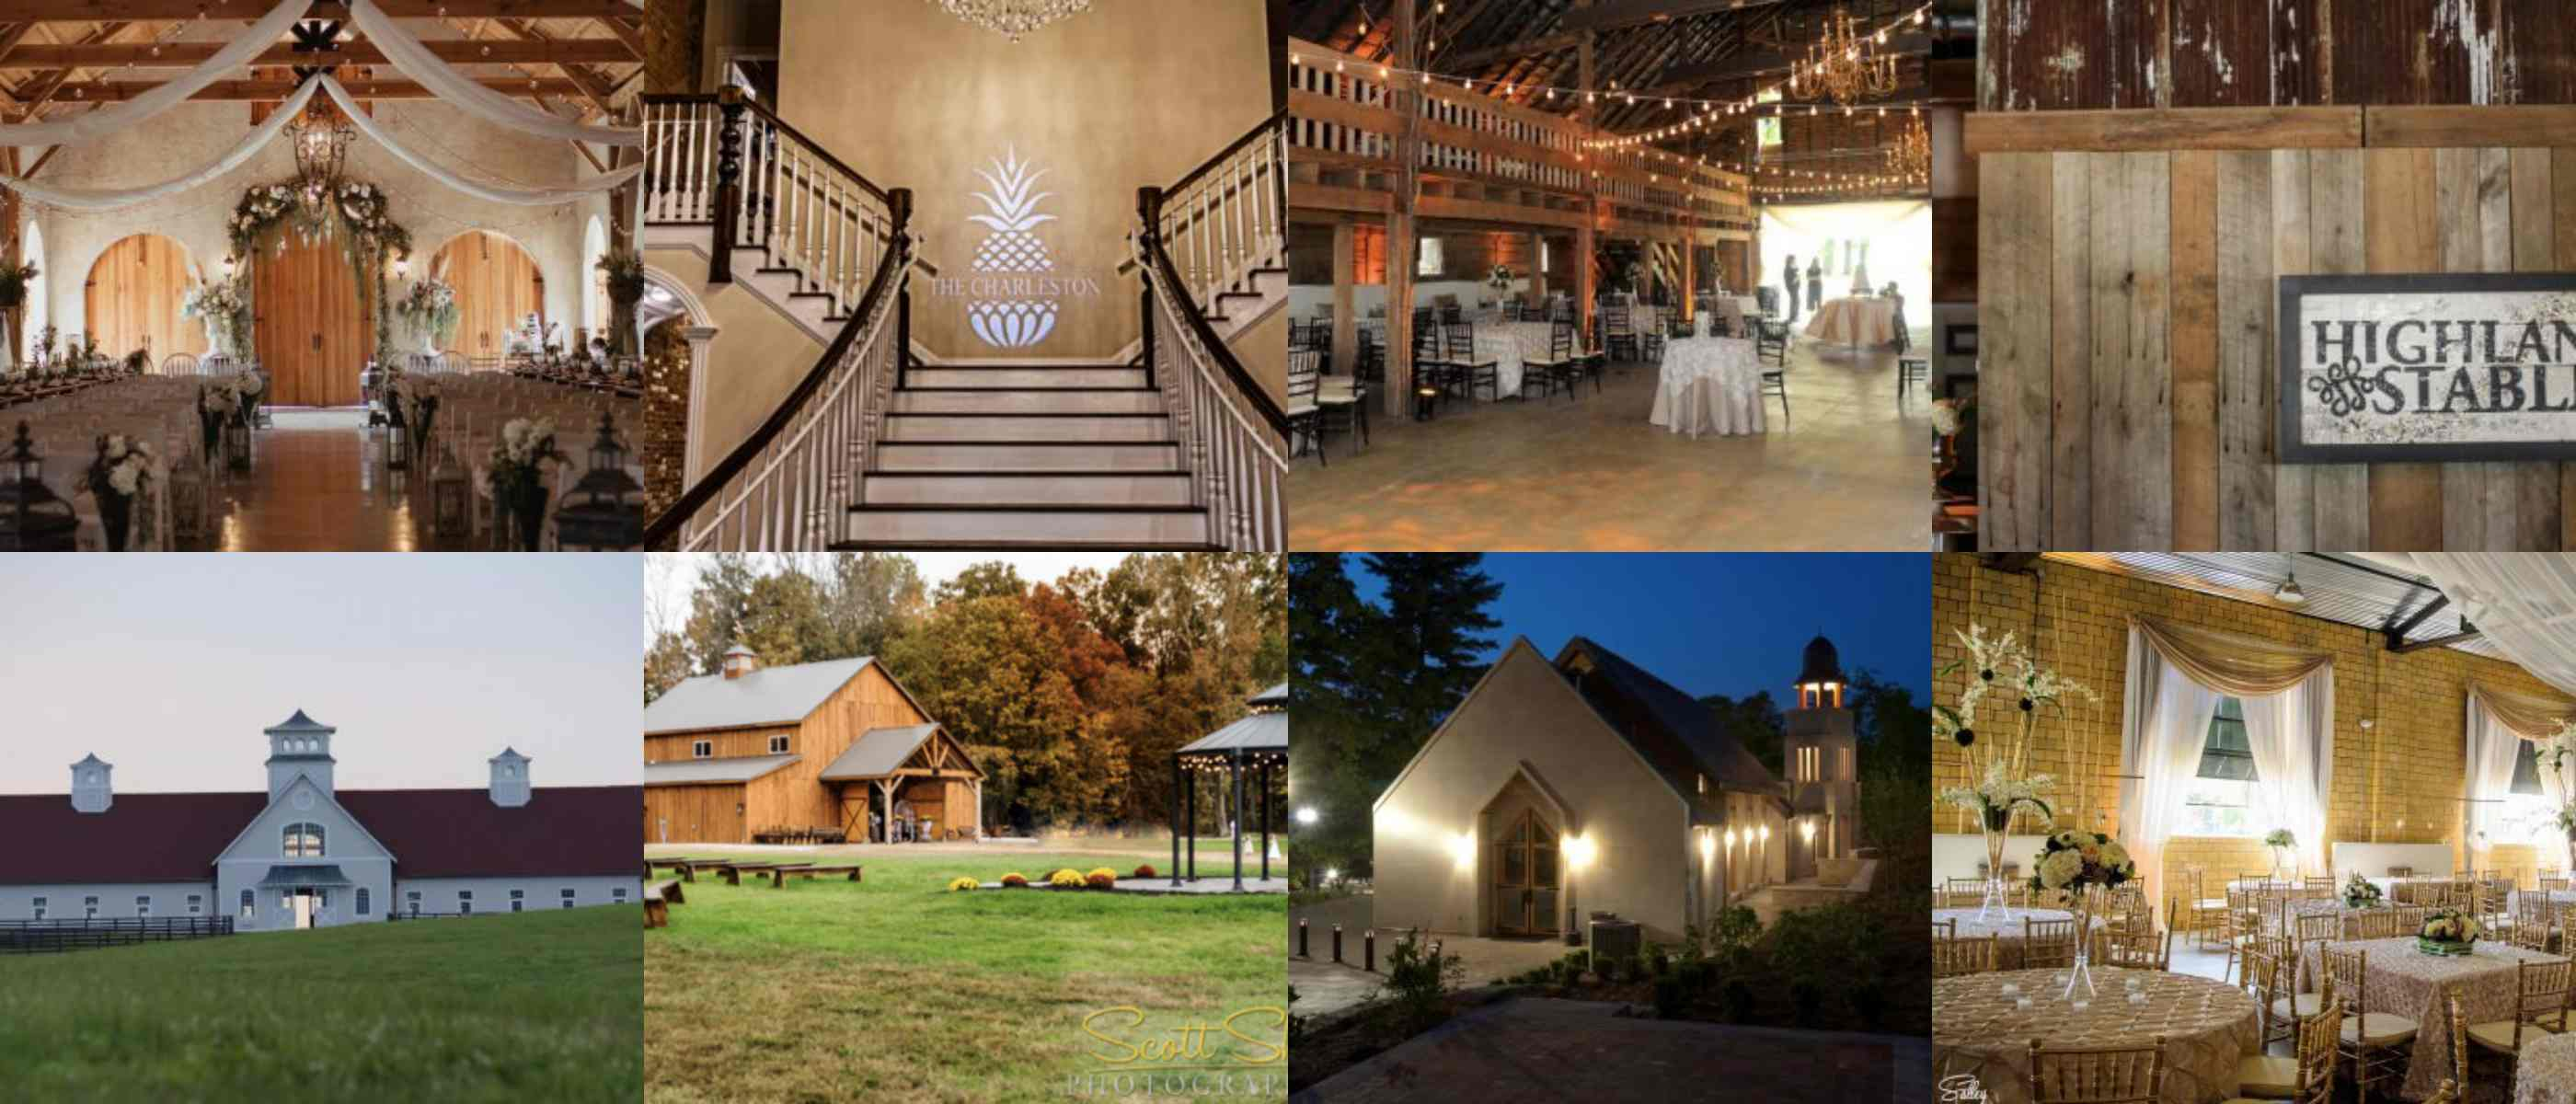 Wedding Barns In Kentucky - agirllikeyouisimpossibletofind